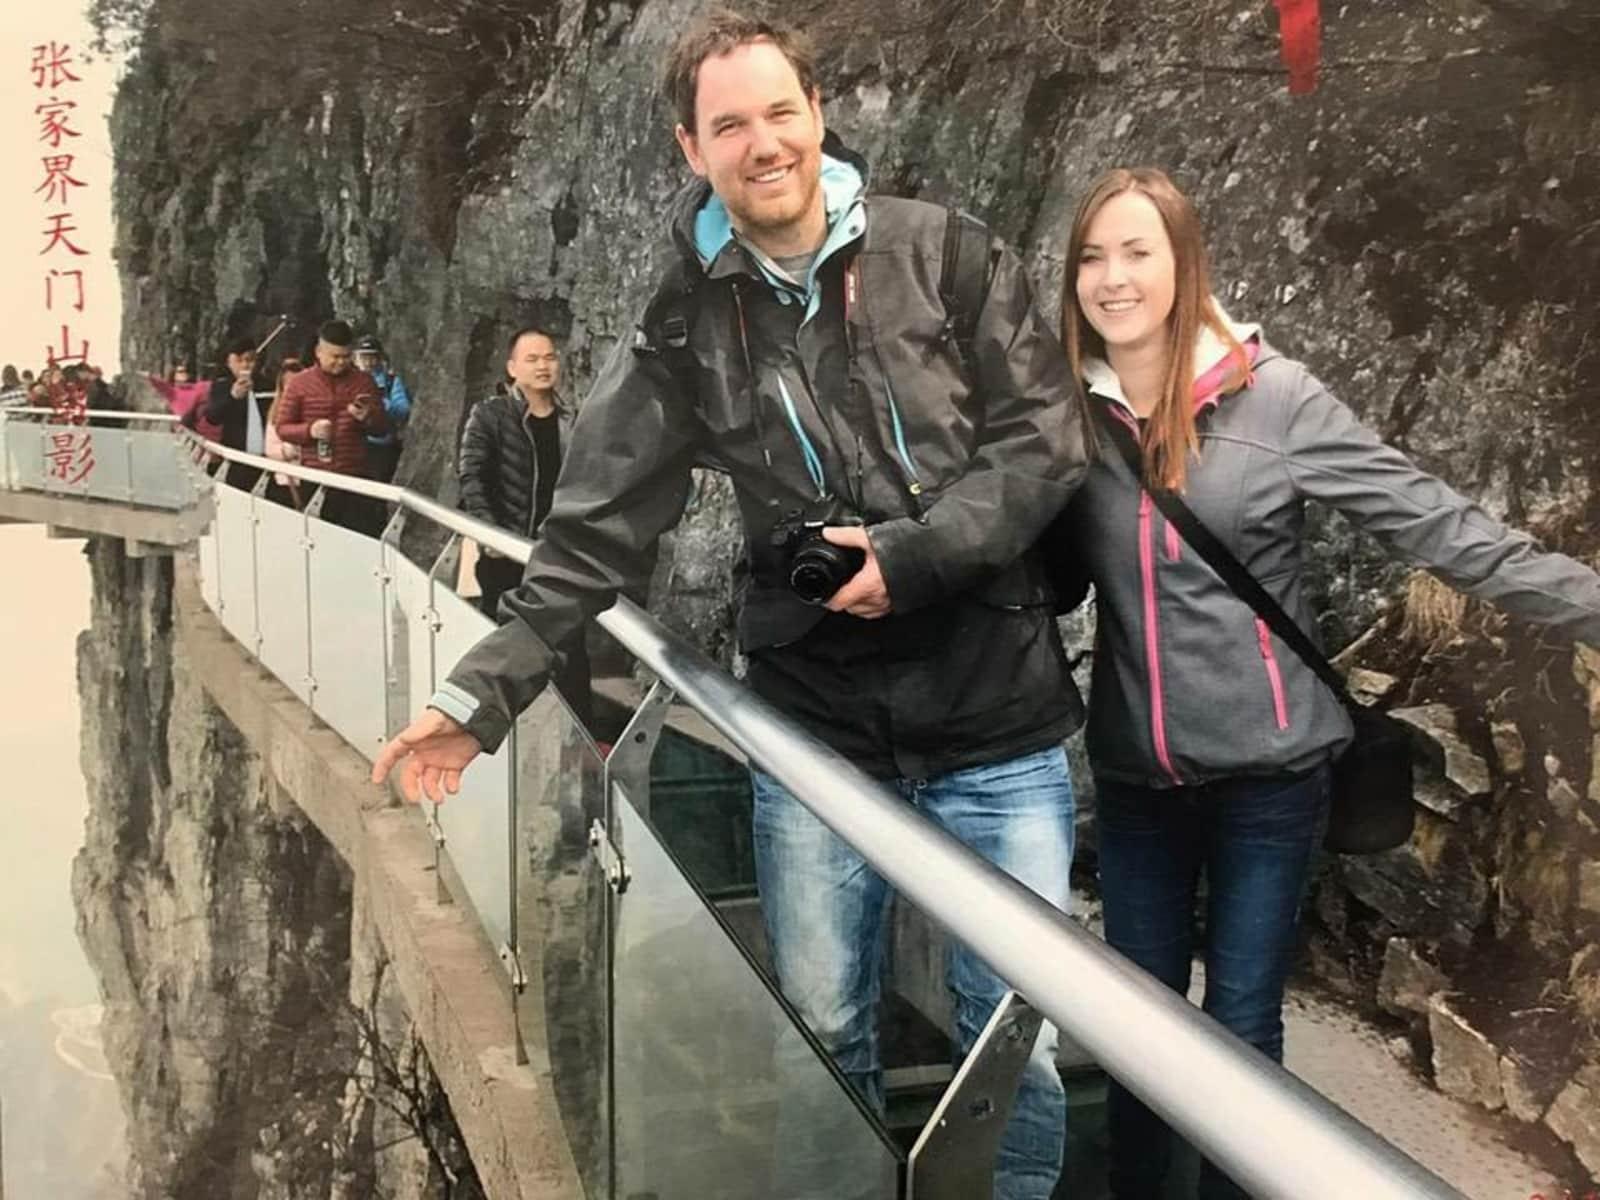 Cara & Chris from Saskatoon, Saskatchewan, Canada